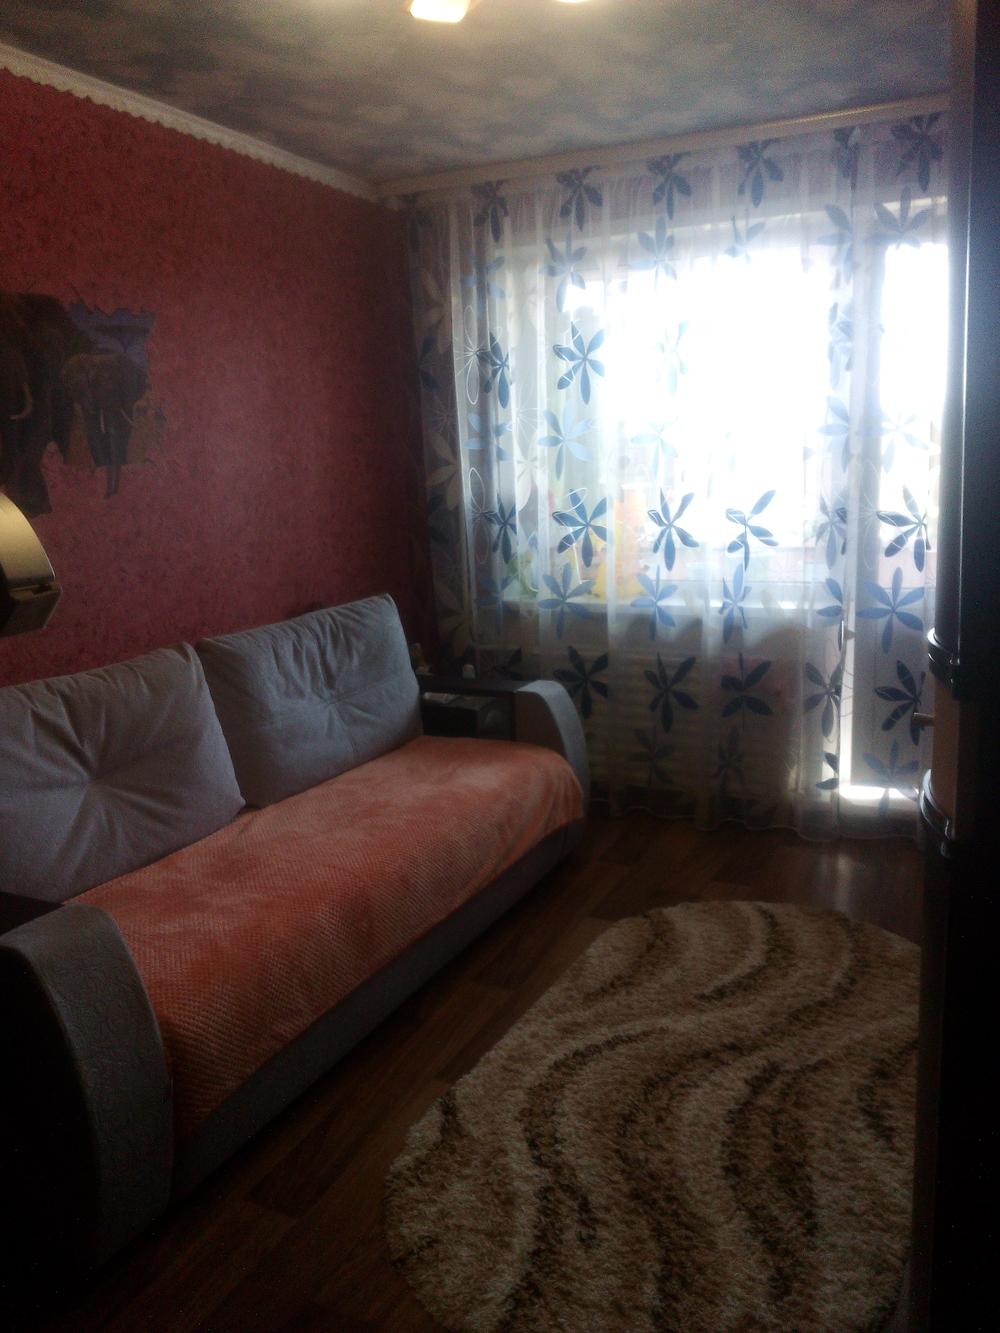 продается однокомнатная квартира, расположенная на 4 этаже, 9-ти этажного дома, рас...